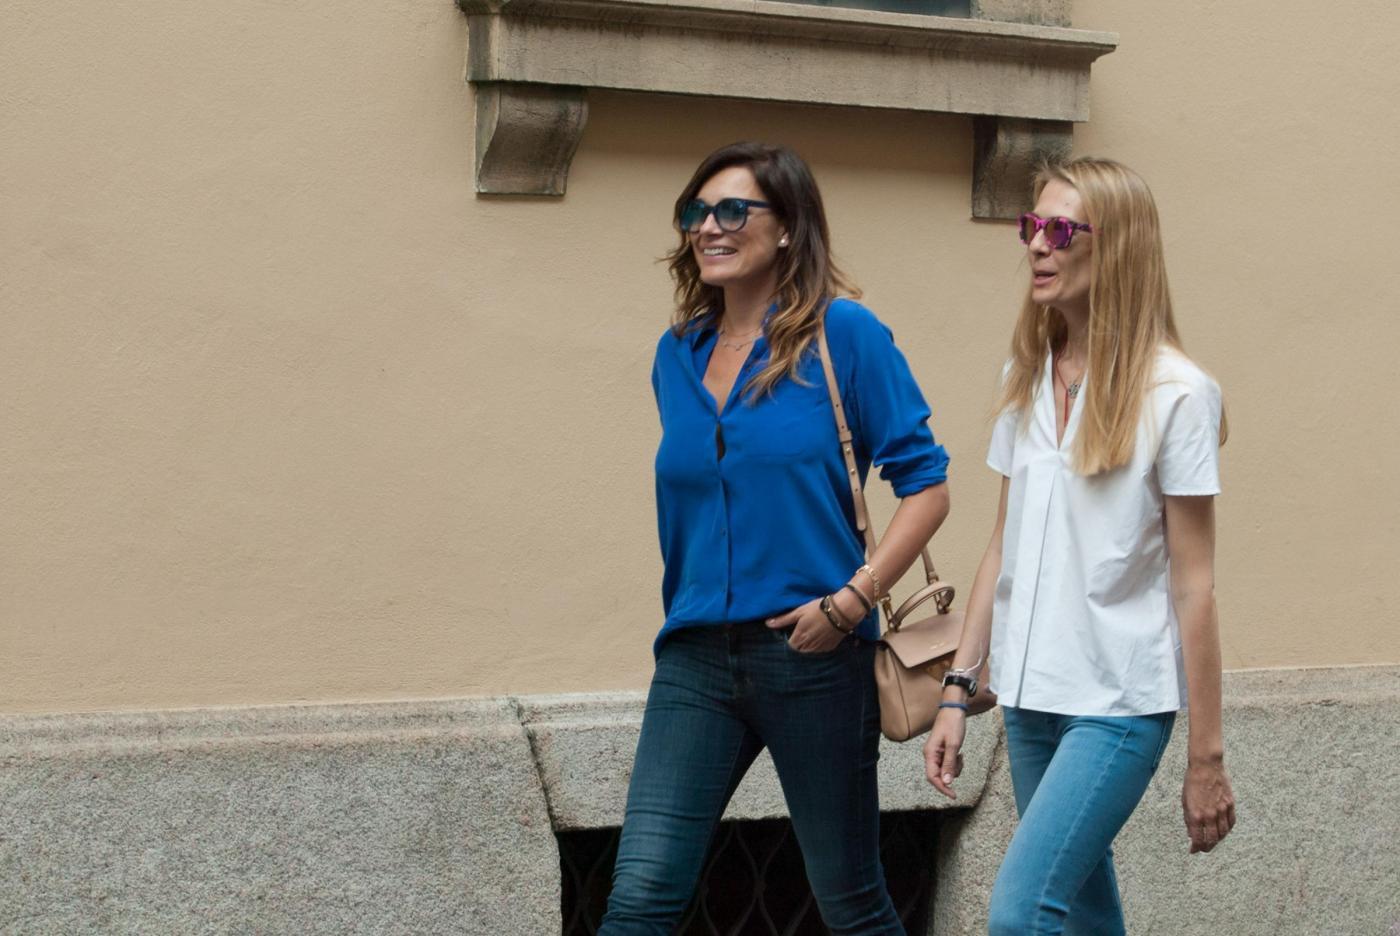 Alena Seredova e Lavinia Borromeo fanno shopping a Milano FOTO 25